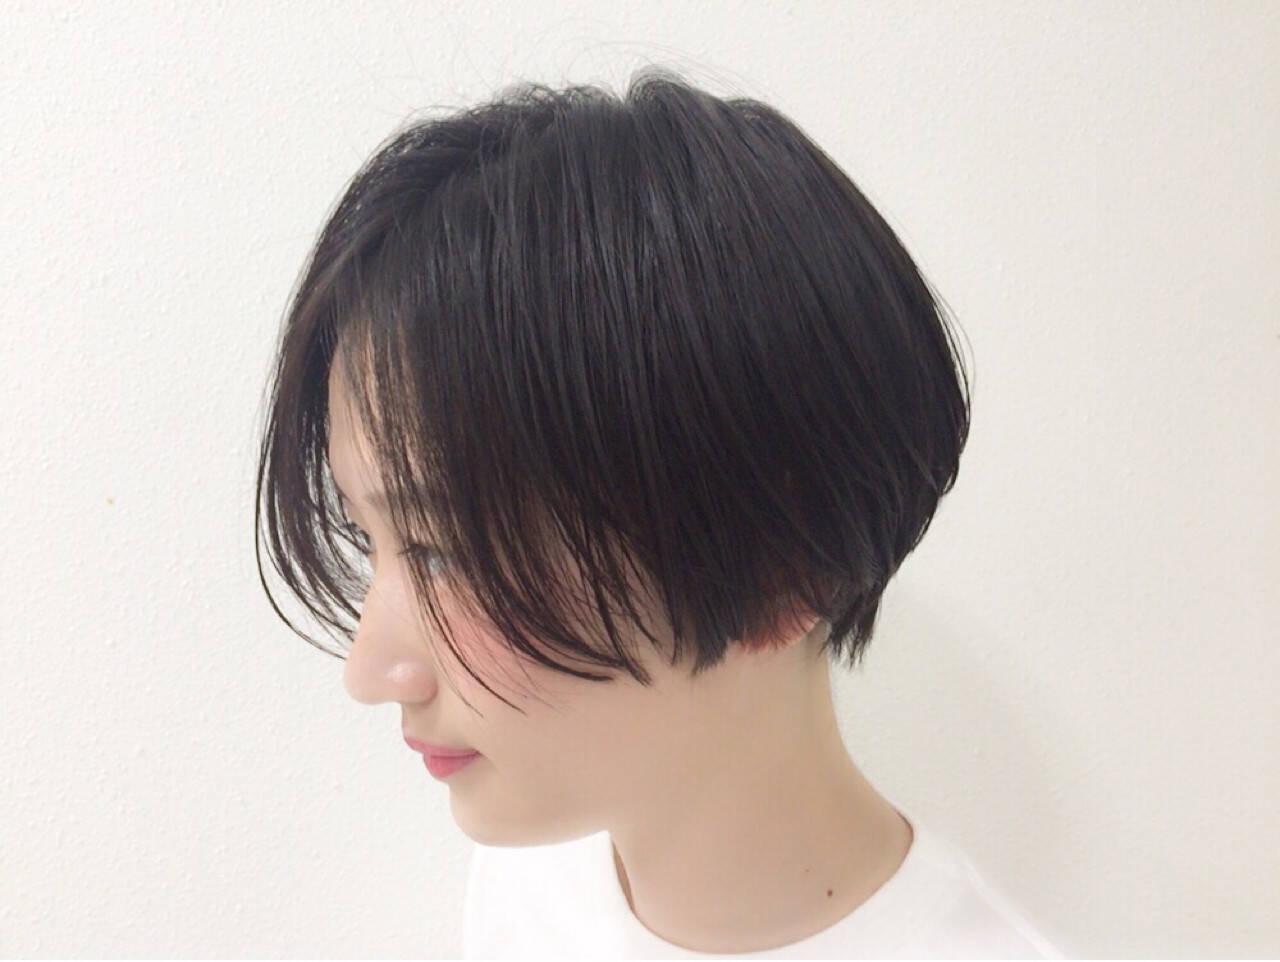 ウェットヘア 暗髪 ショート 黒髪ヘアスタイルや髪型の写真・画像